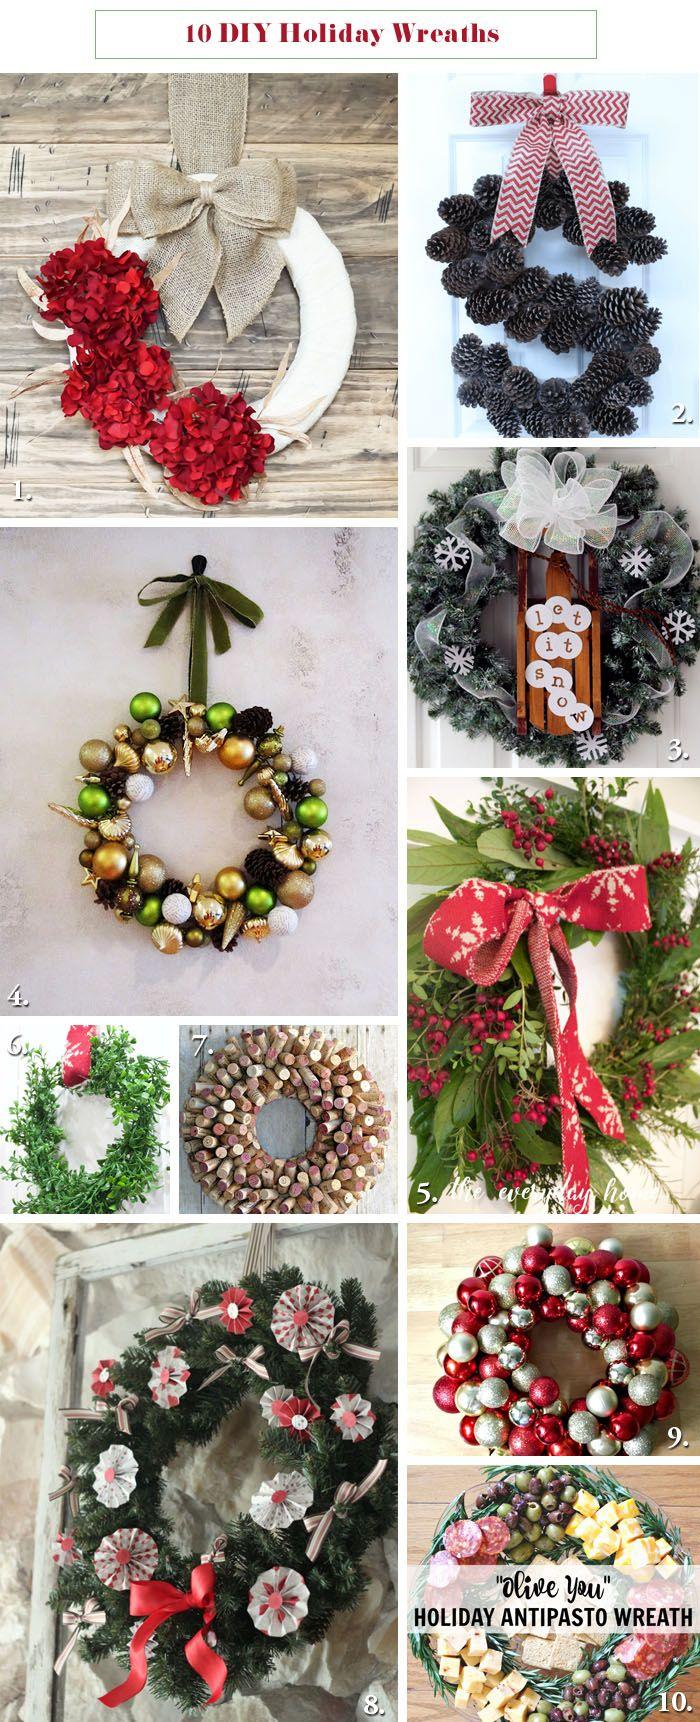 10 DIY Holiday Wreaths